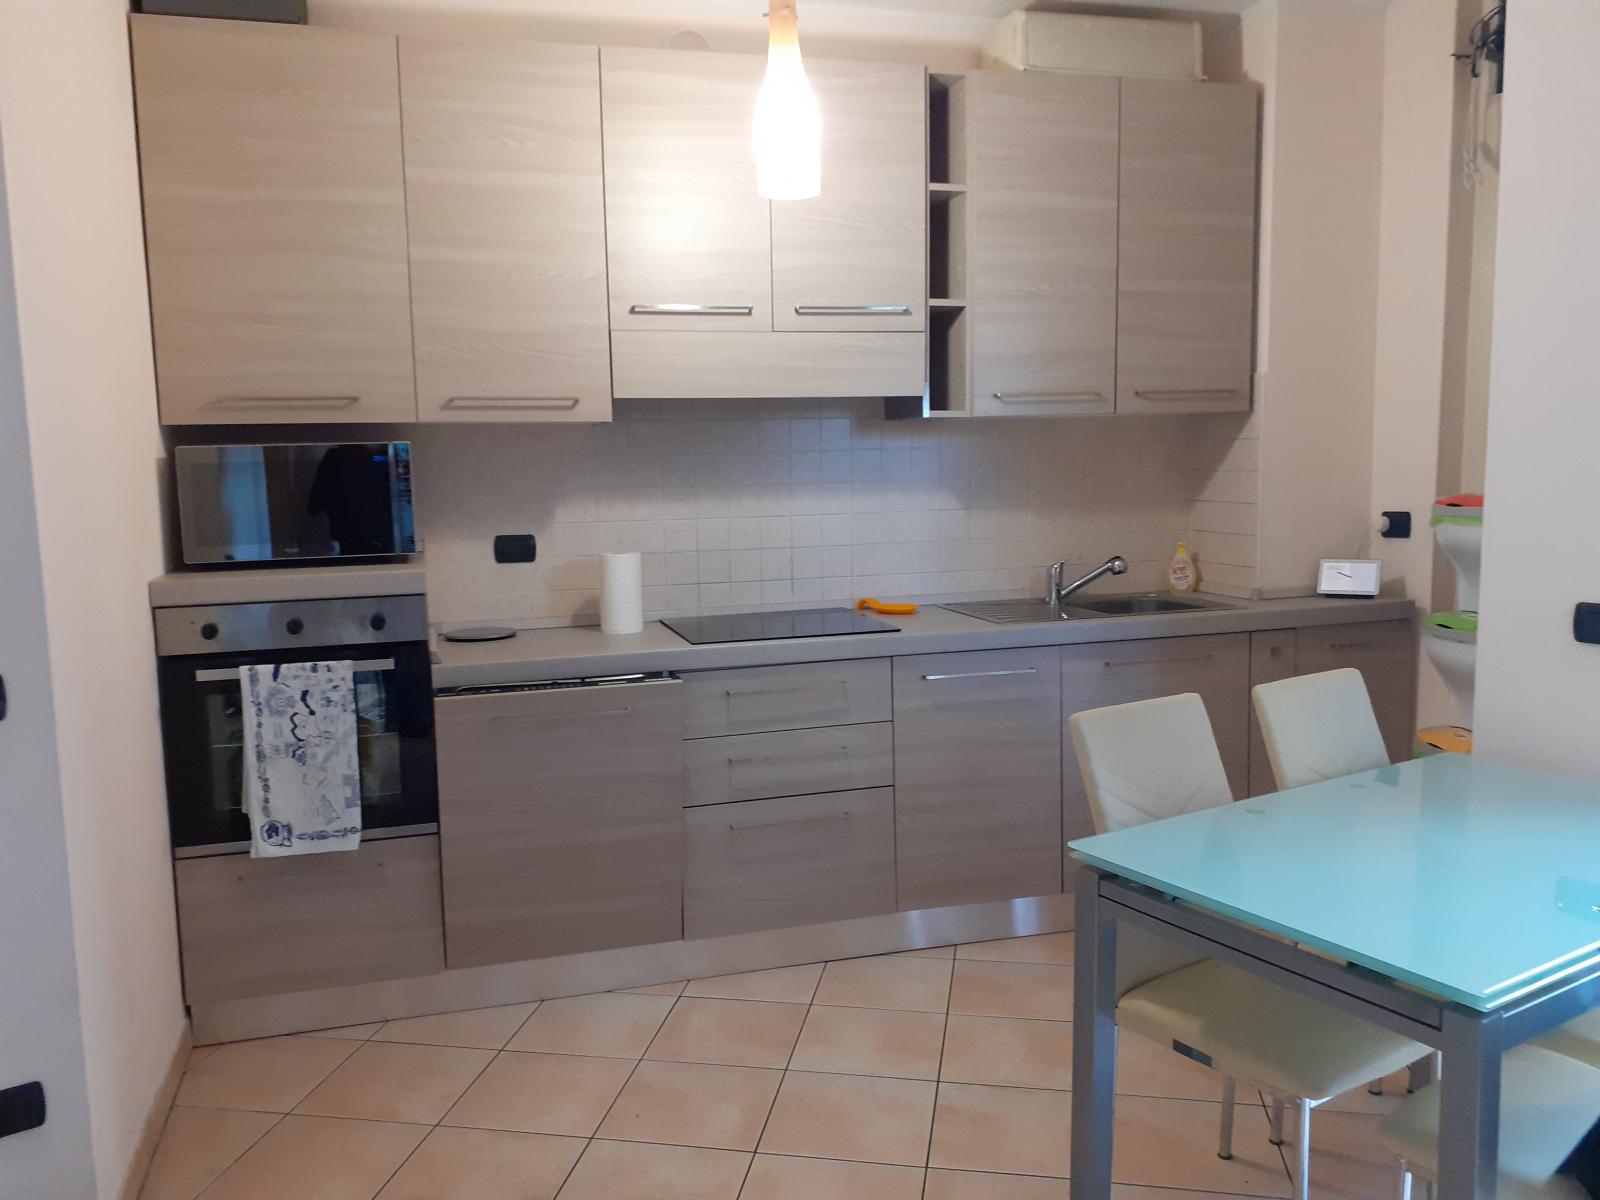 appartamento-in-vendita-a-trezzano-sul-naviglio-milano-2-locali-spaziourbano-immobiliare-vende-7